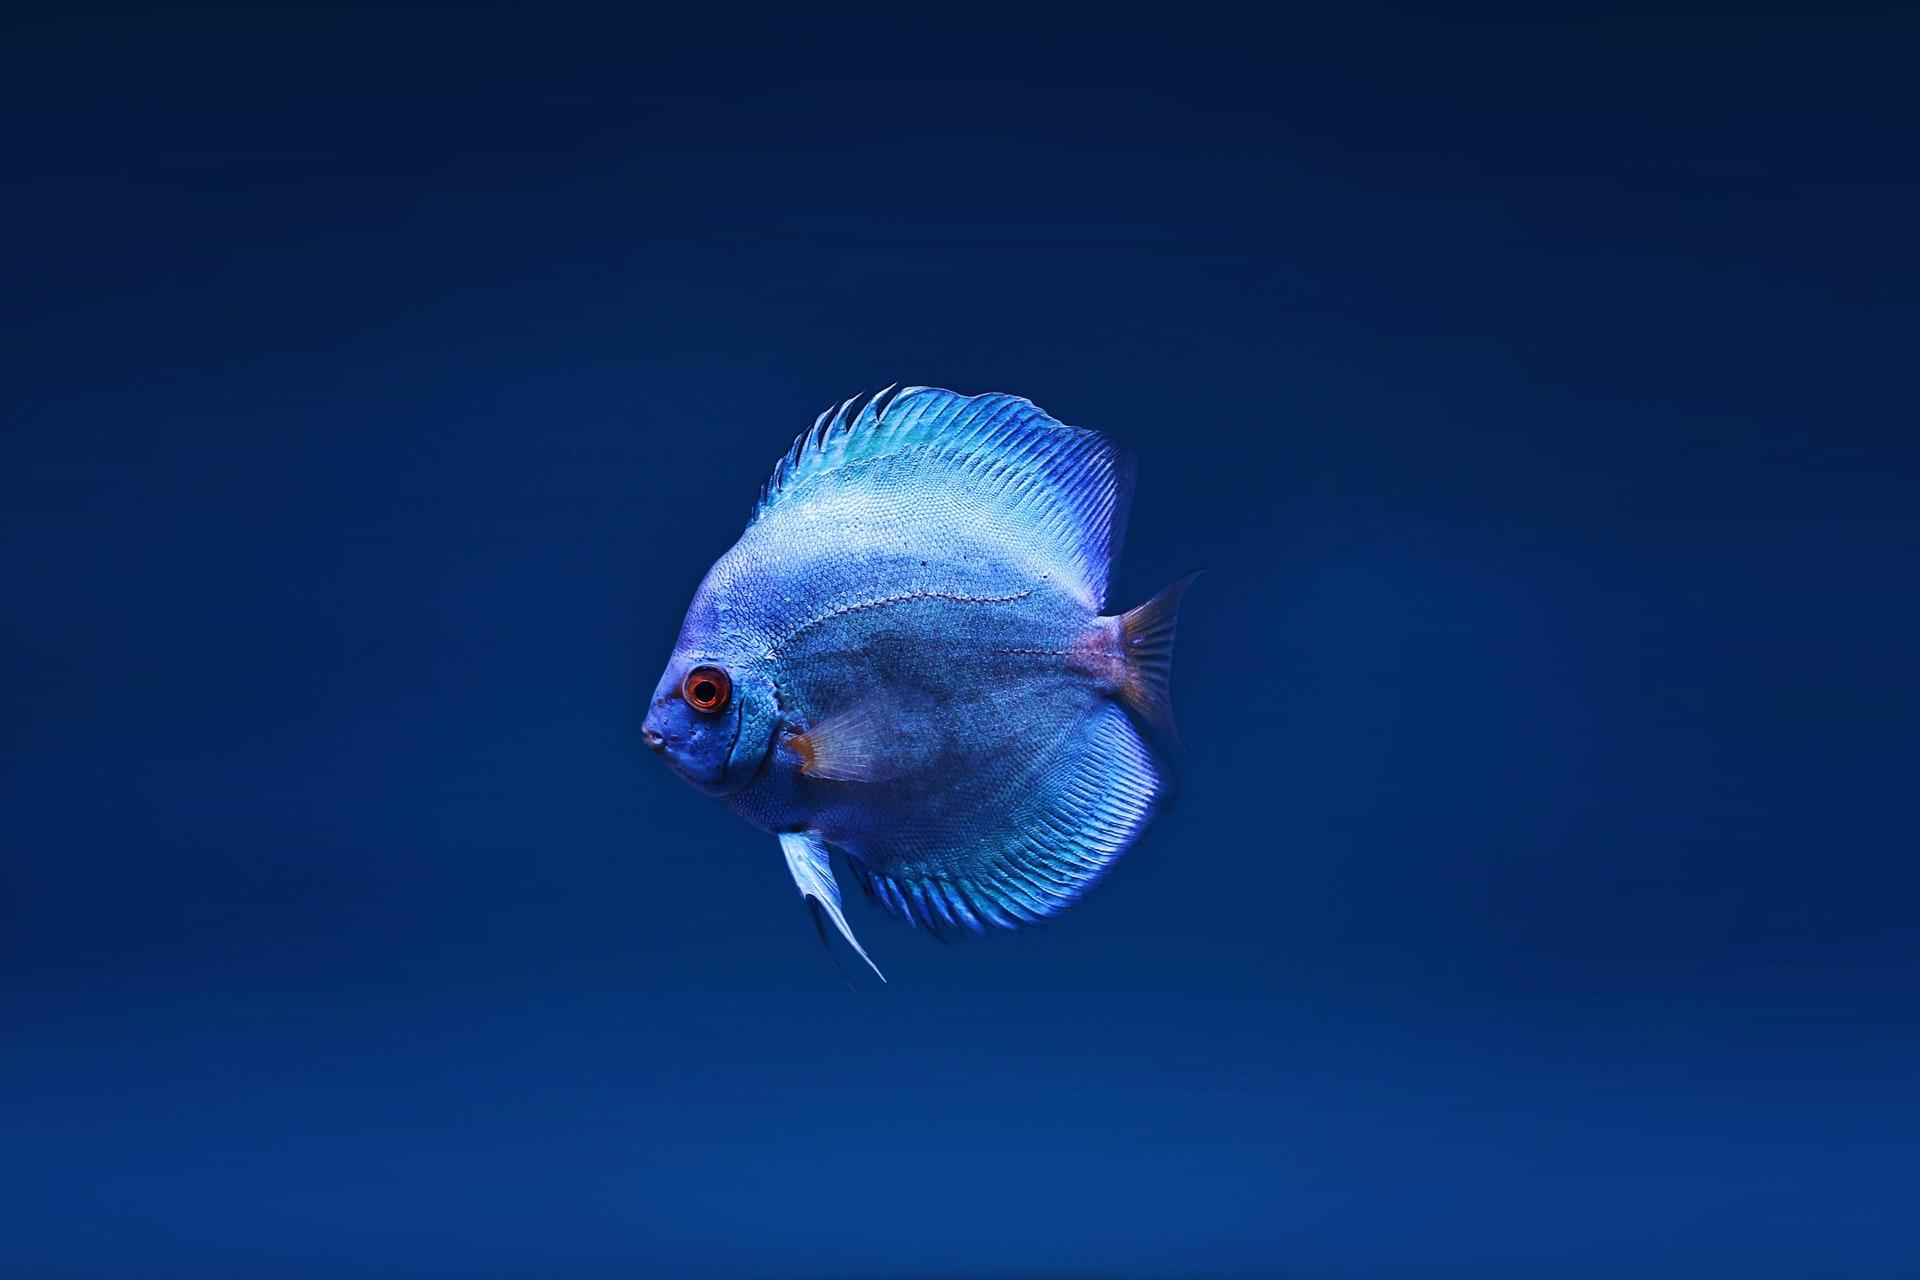 Sonhar com peixe fora d'água não é bom sinal.